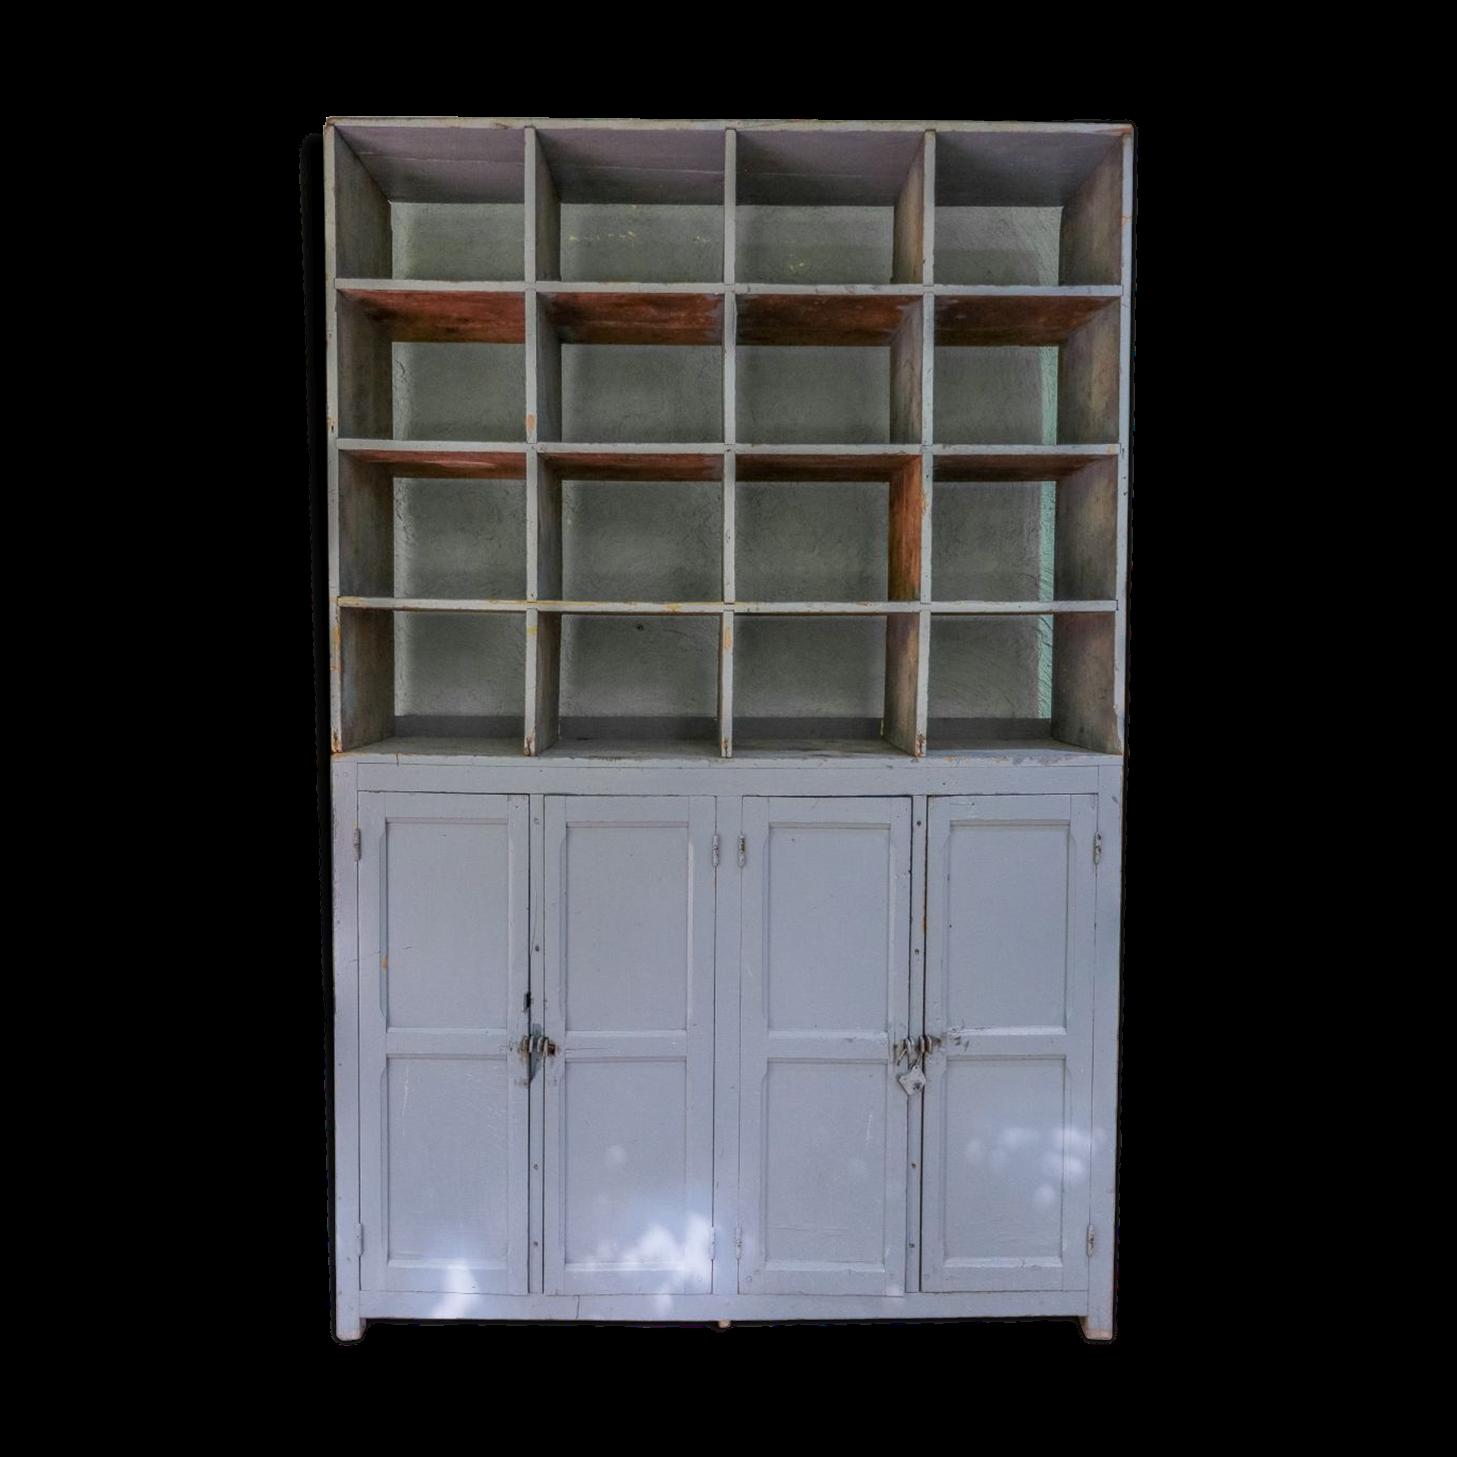 Renover casier industriel finest un haut de buffet - Renover un meuble industriel ...